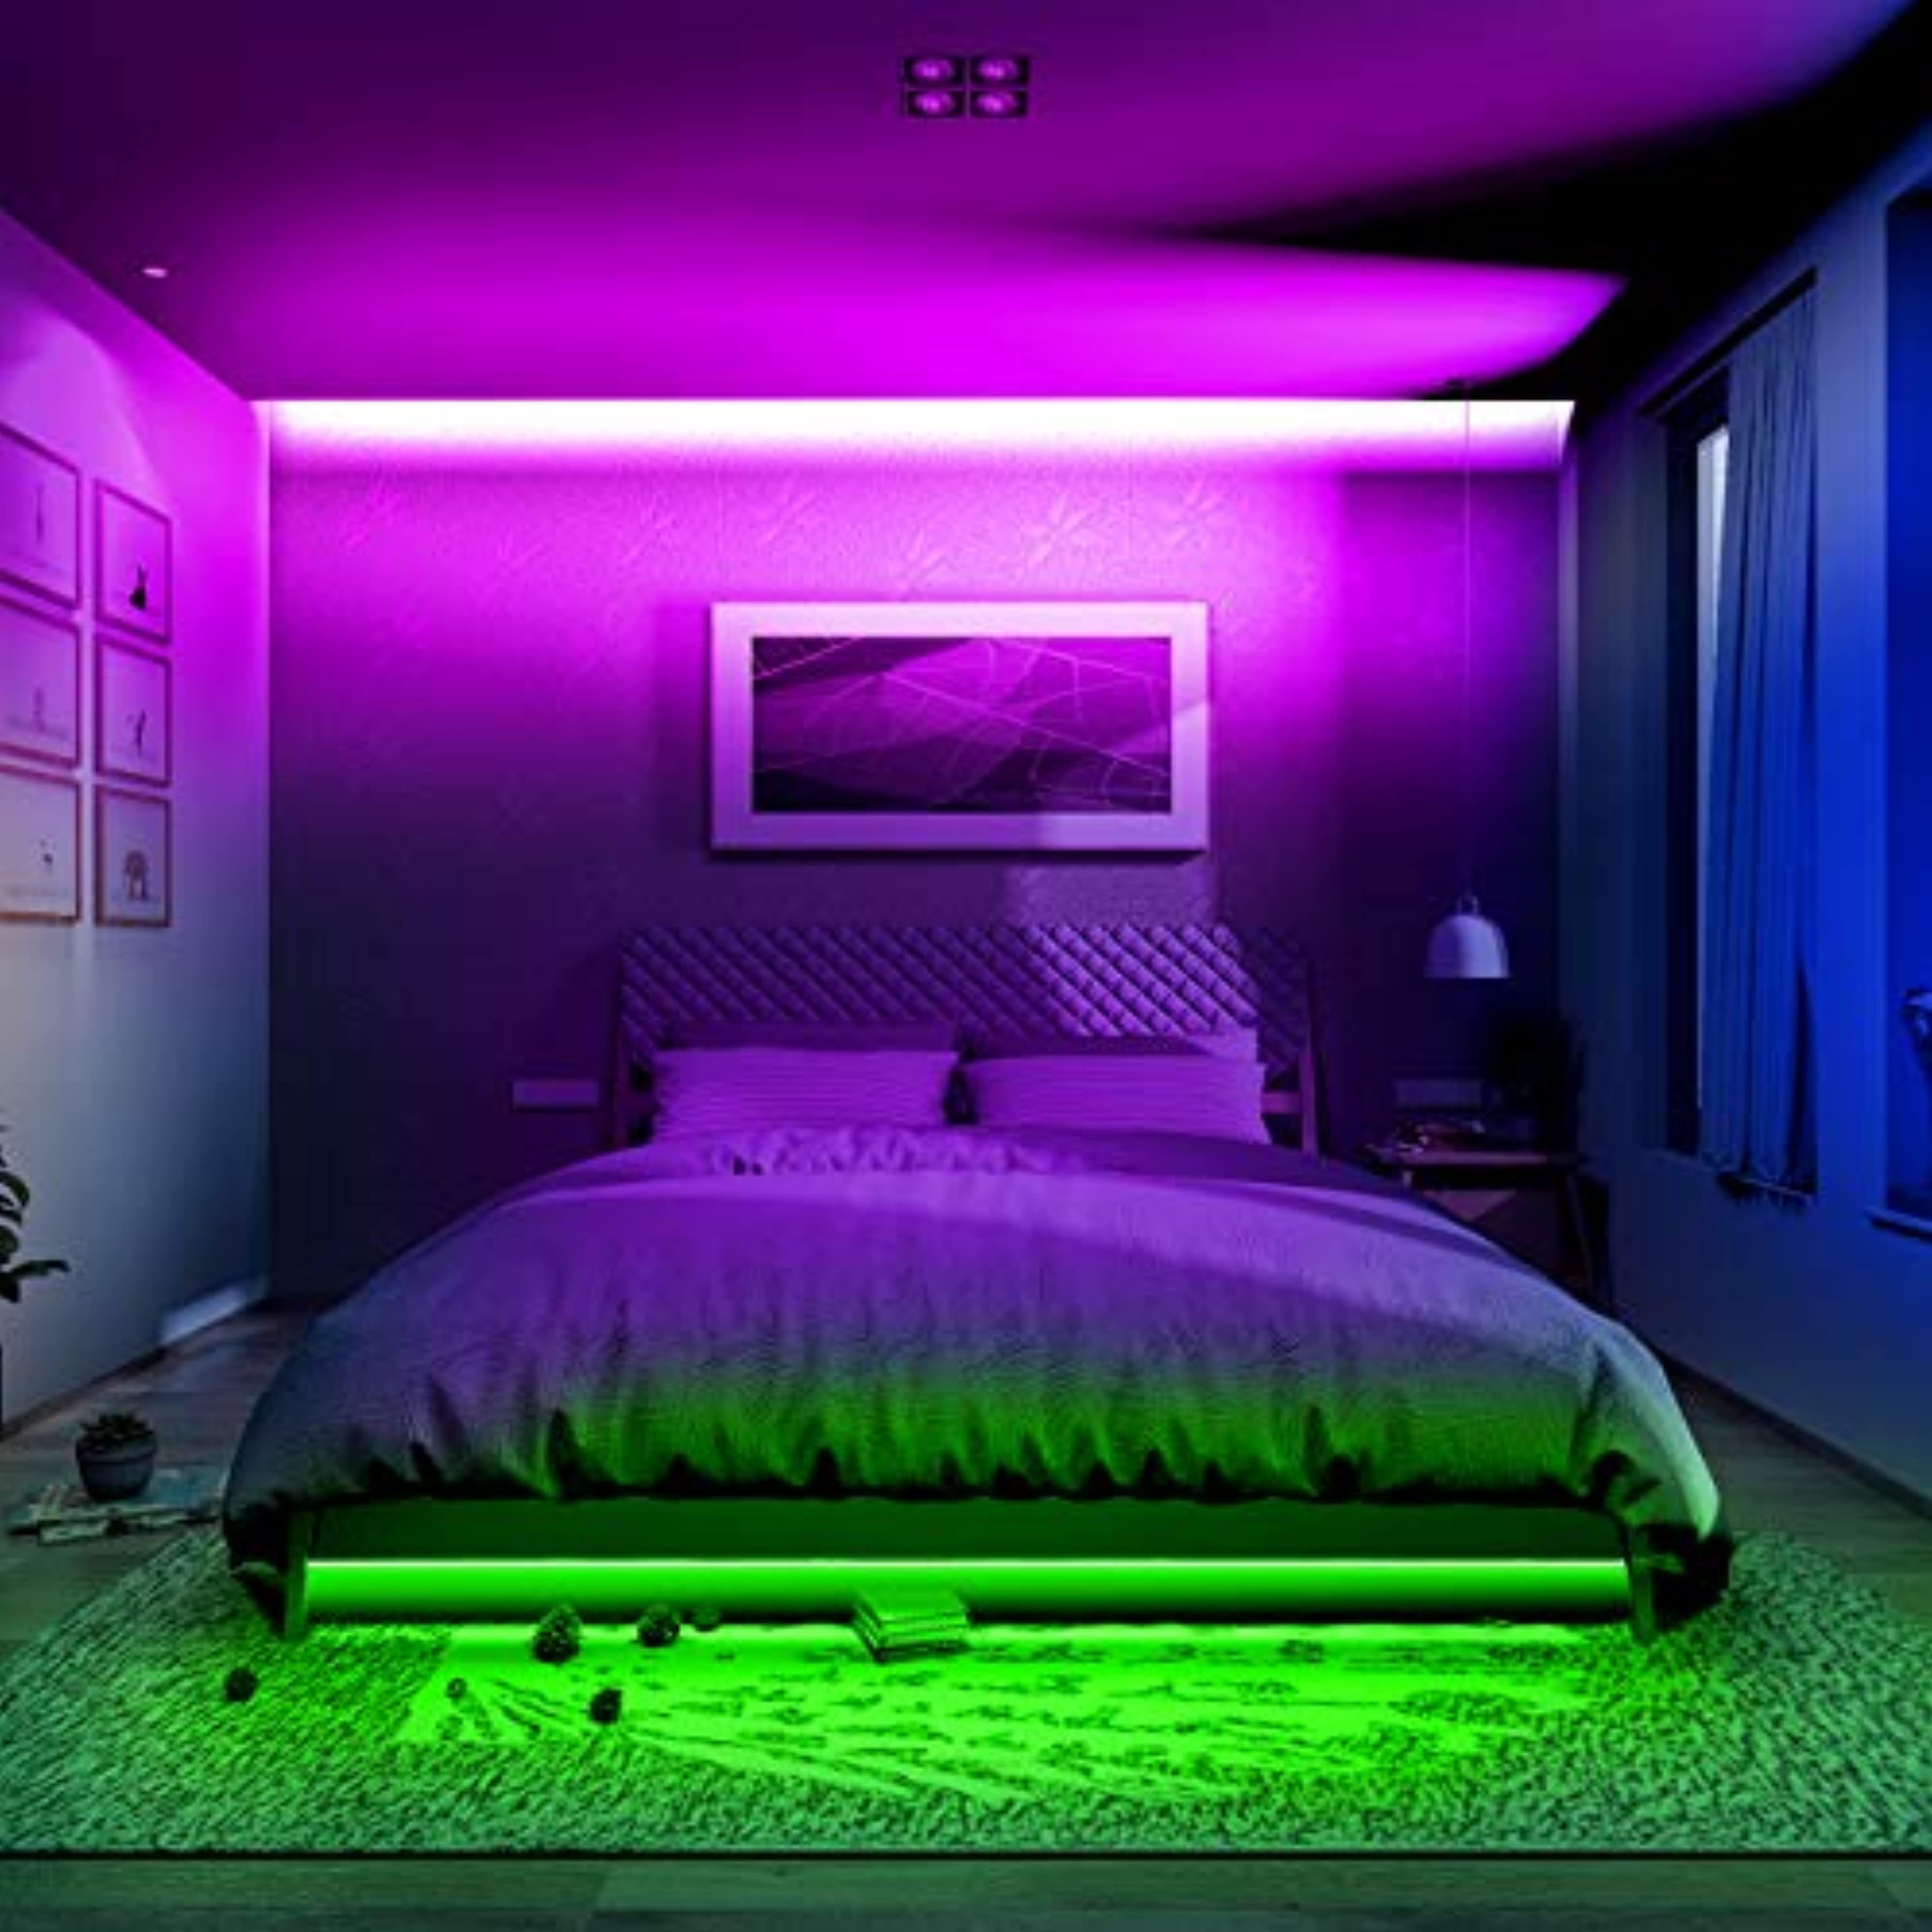 Phopollo Led Strip Lights Color Changing 32 8ft Flexible 5050 Rgb Led Lights Kit With 12v Led Lighting Bedroom Led Strip Lighting Led Lights